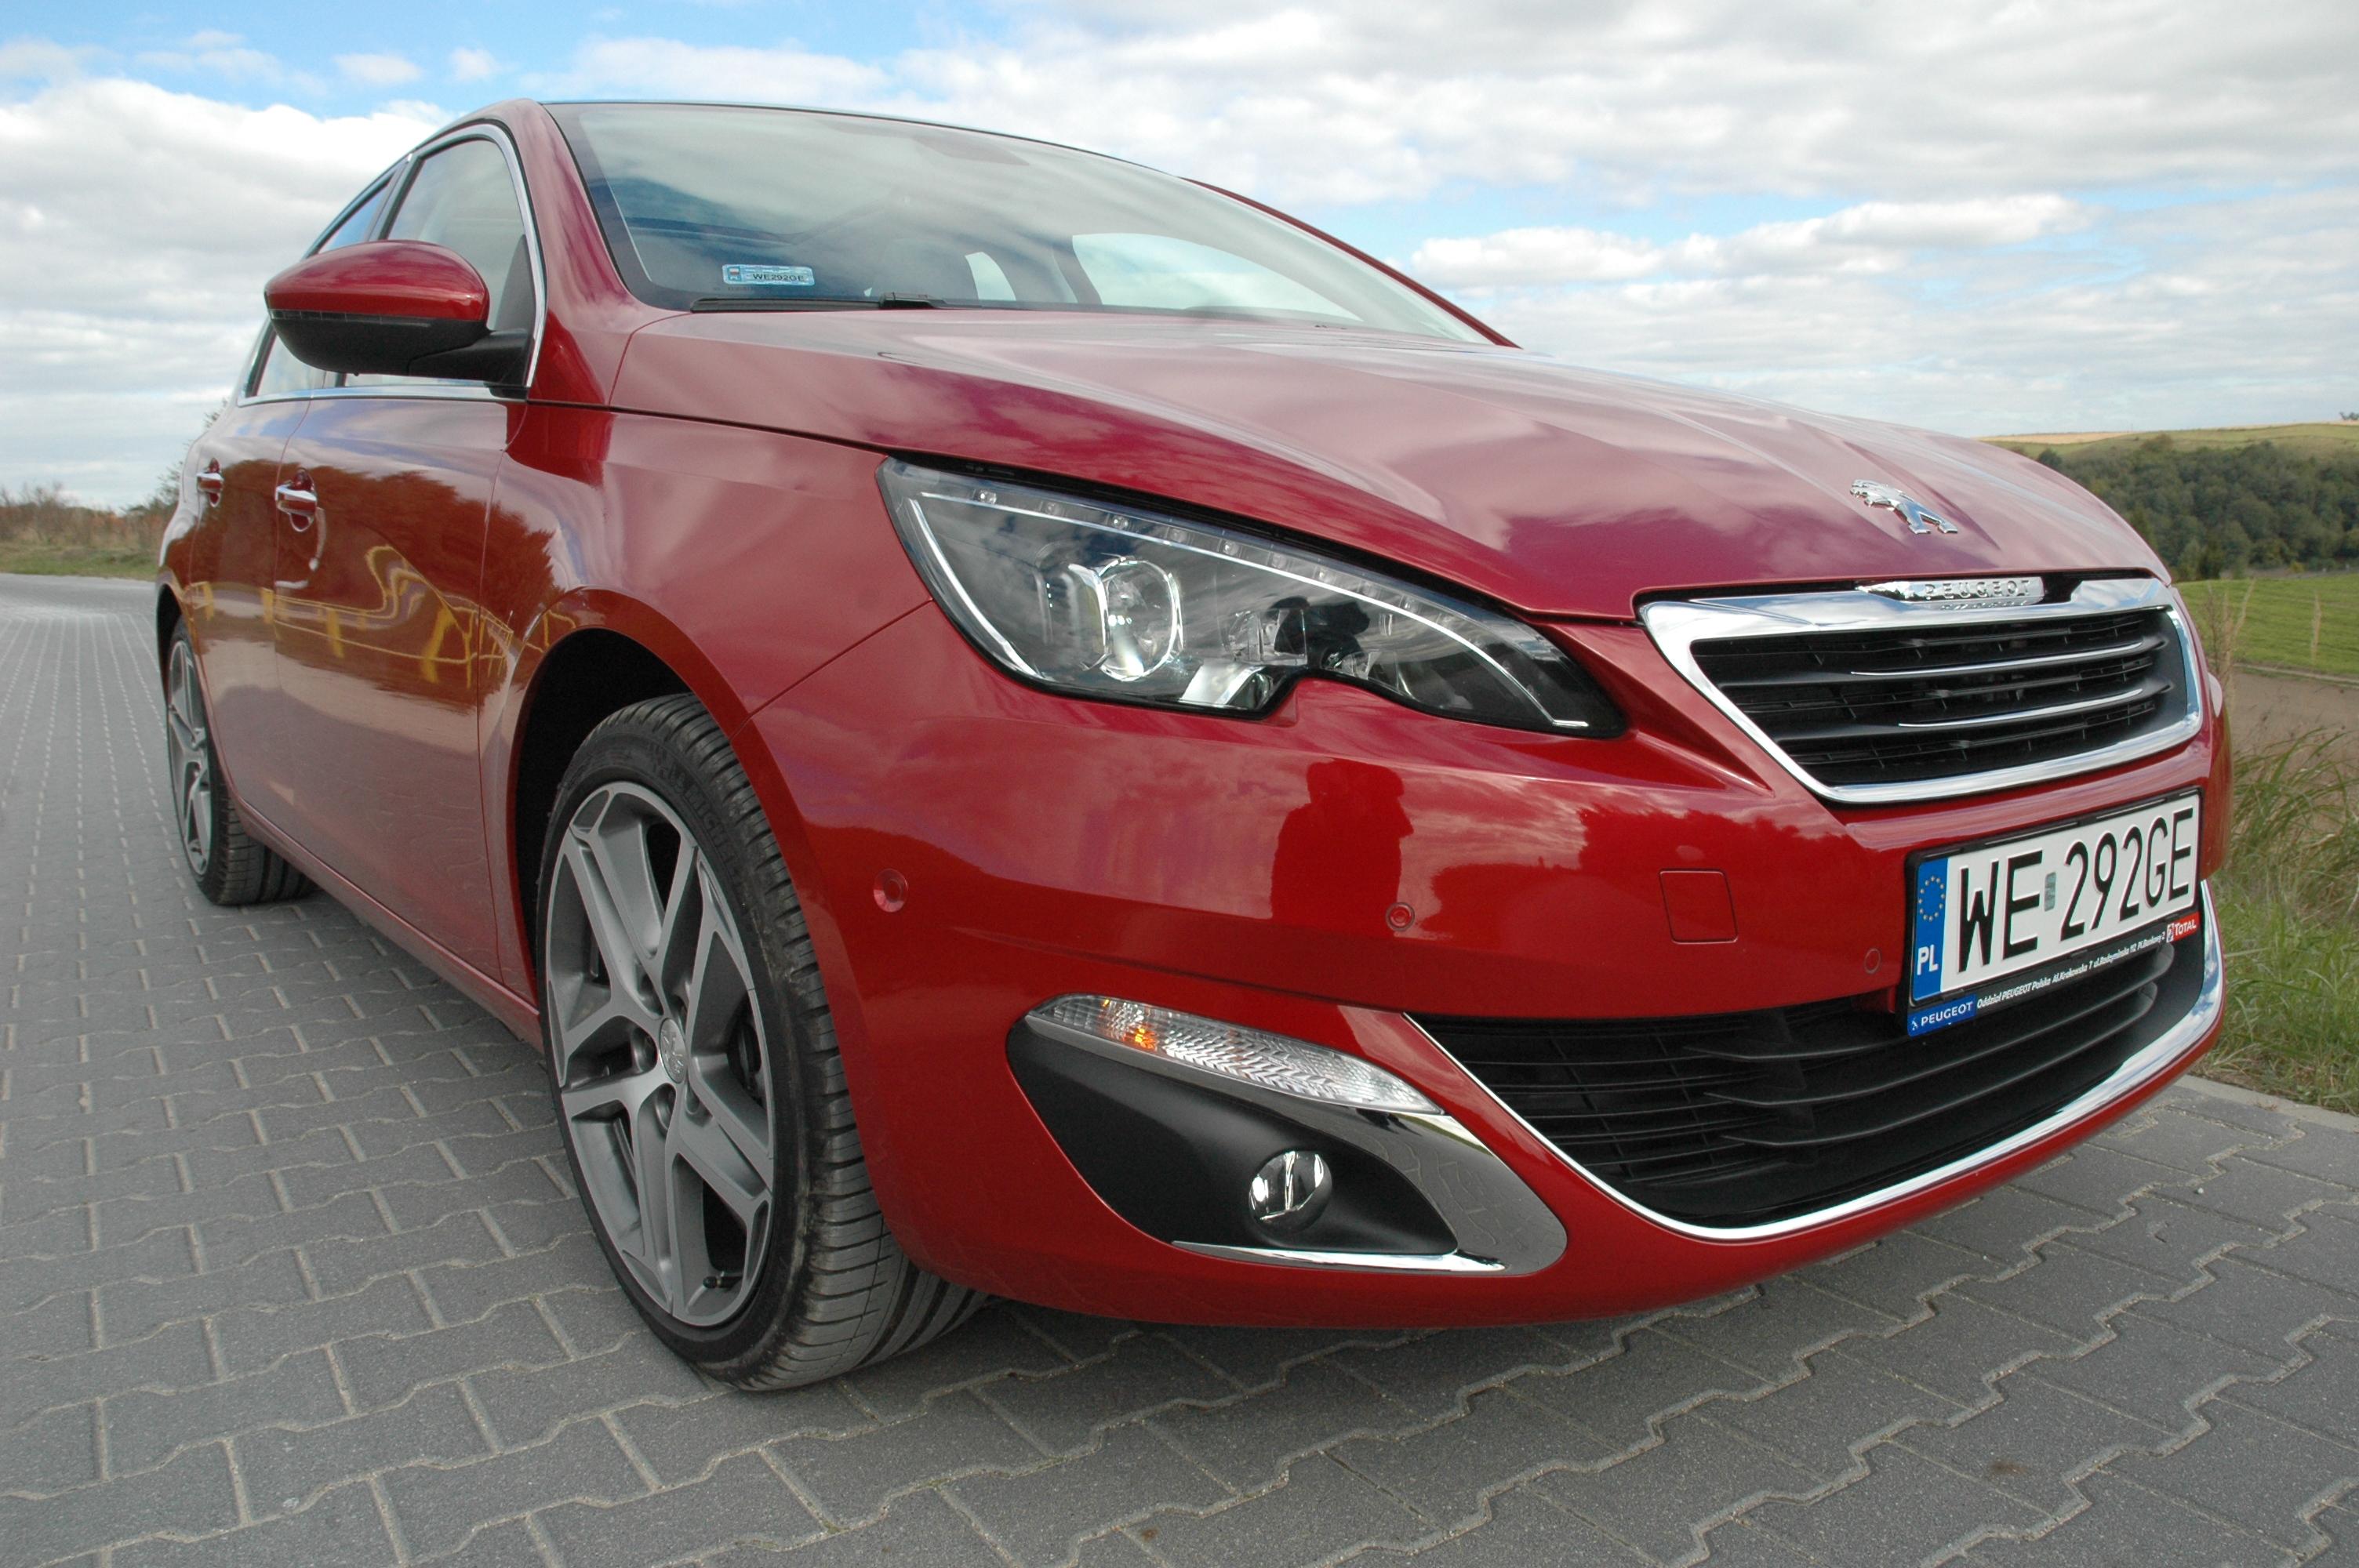 Peugeot 308 – Zupełnie nowy samochód